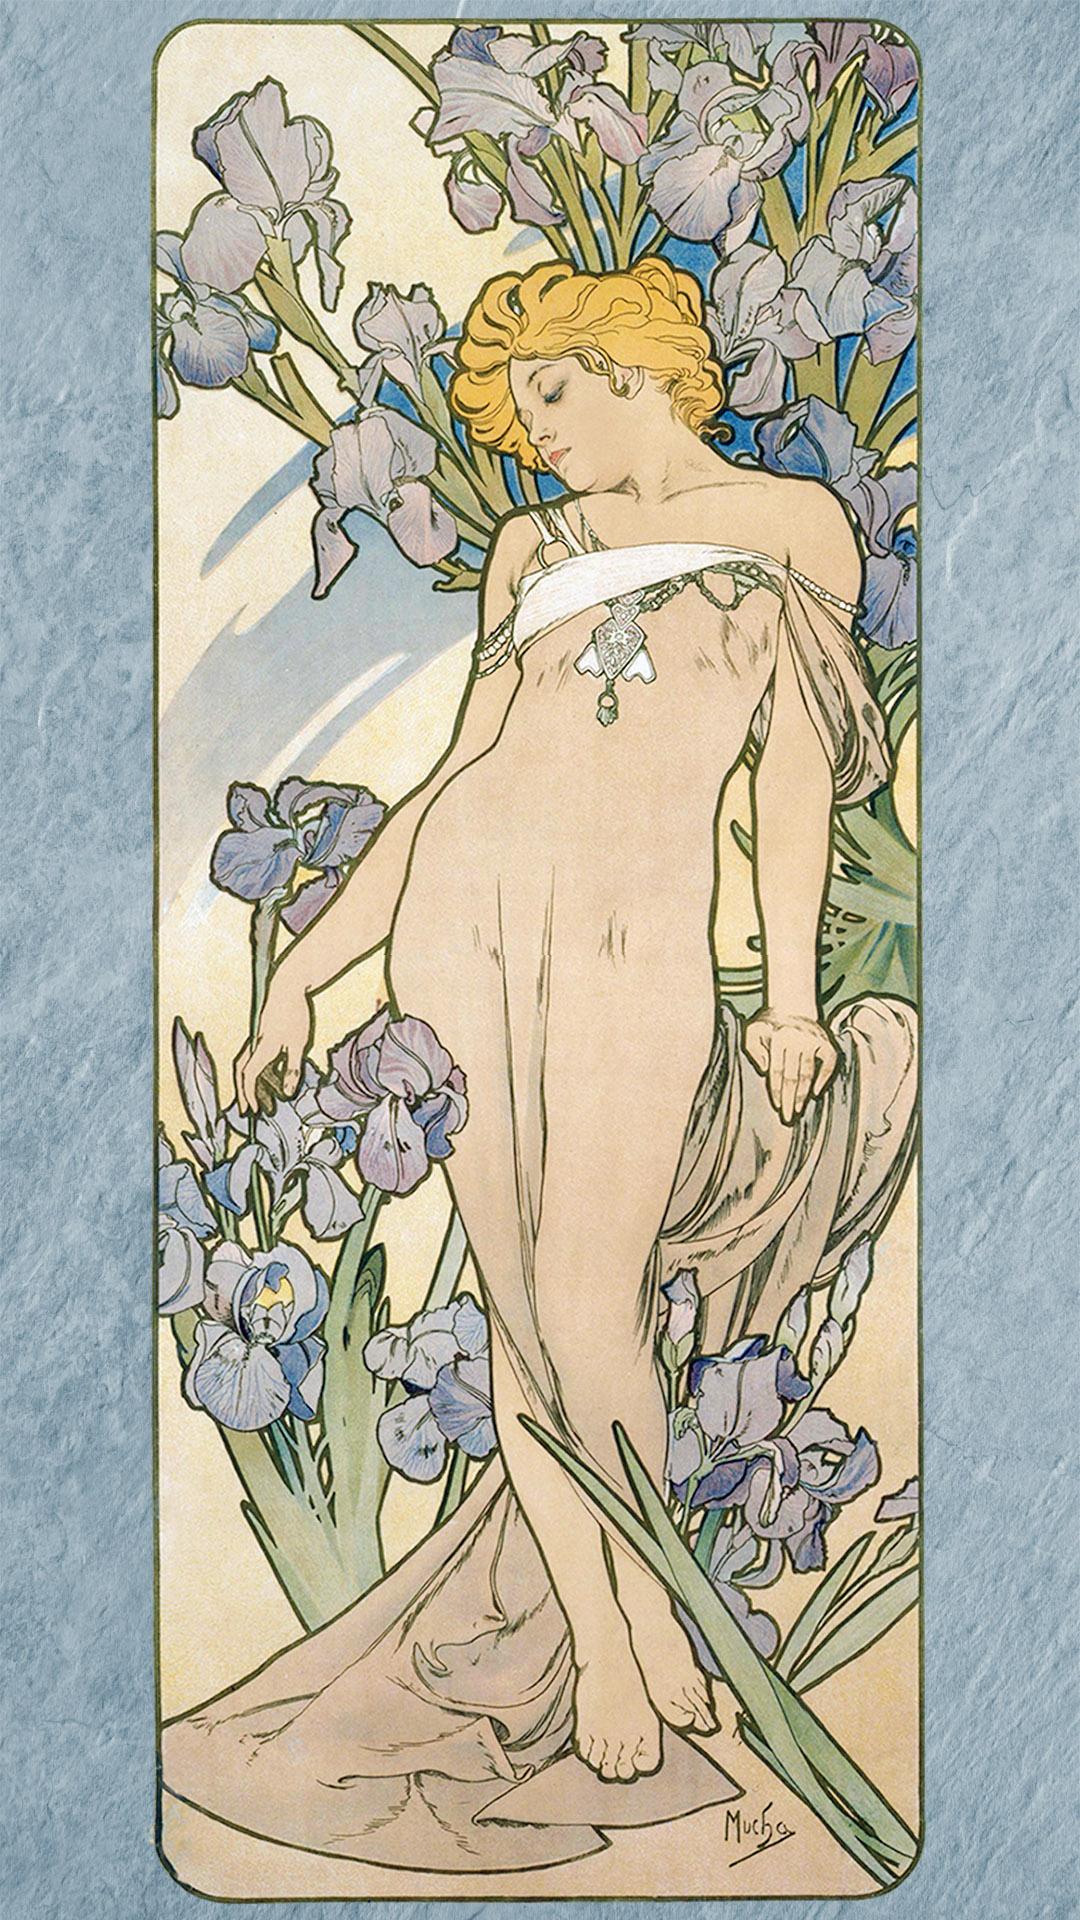 ミュシャ 四つの花 アイリス Alfons Mucha - Four flowers iris 1080x1920 2